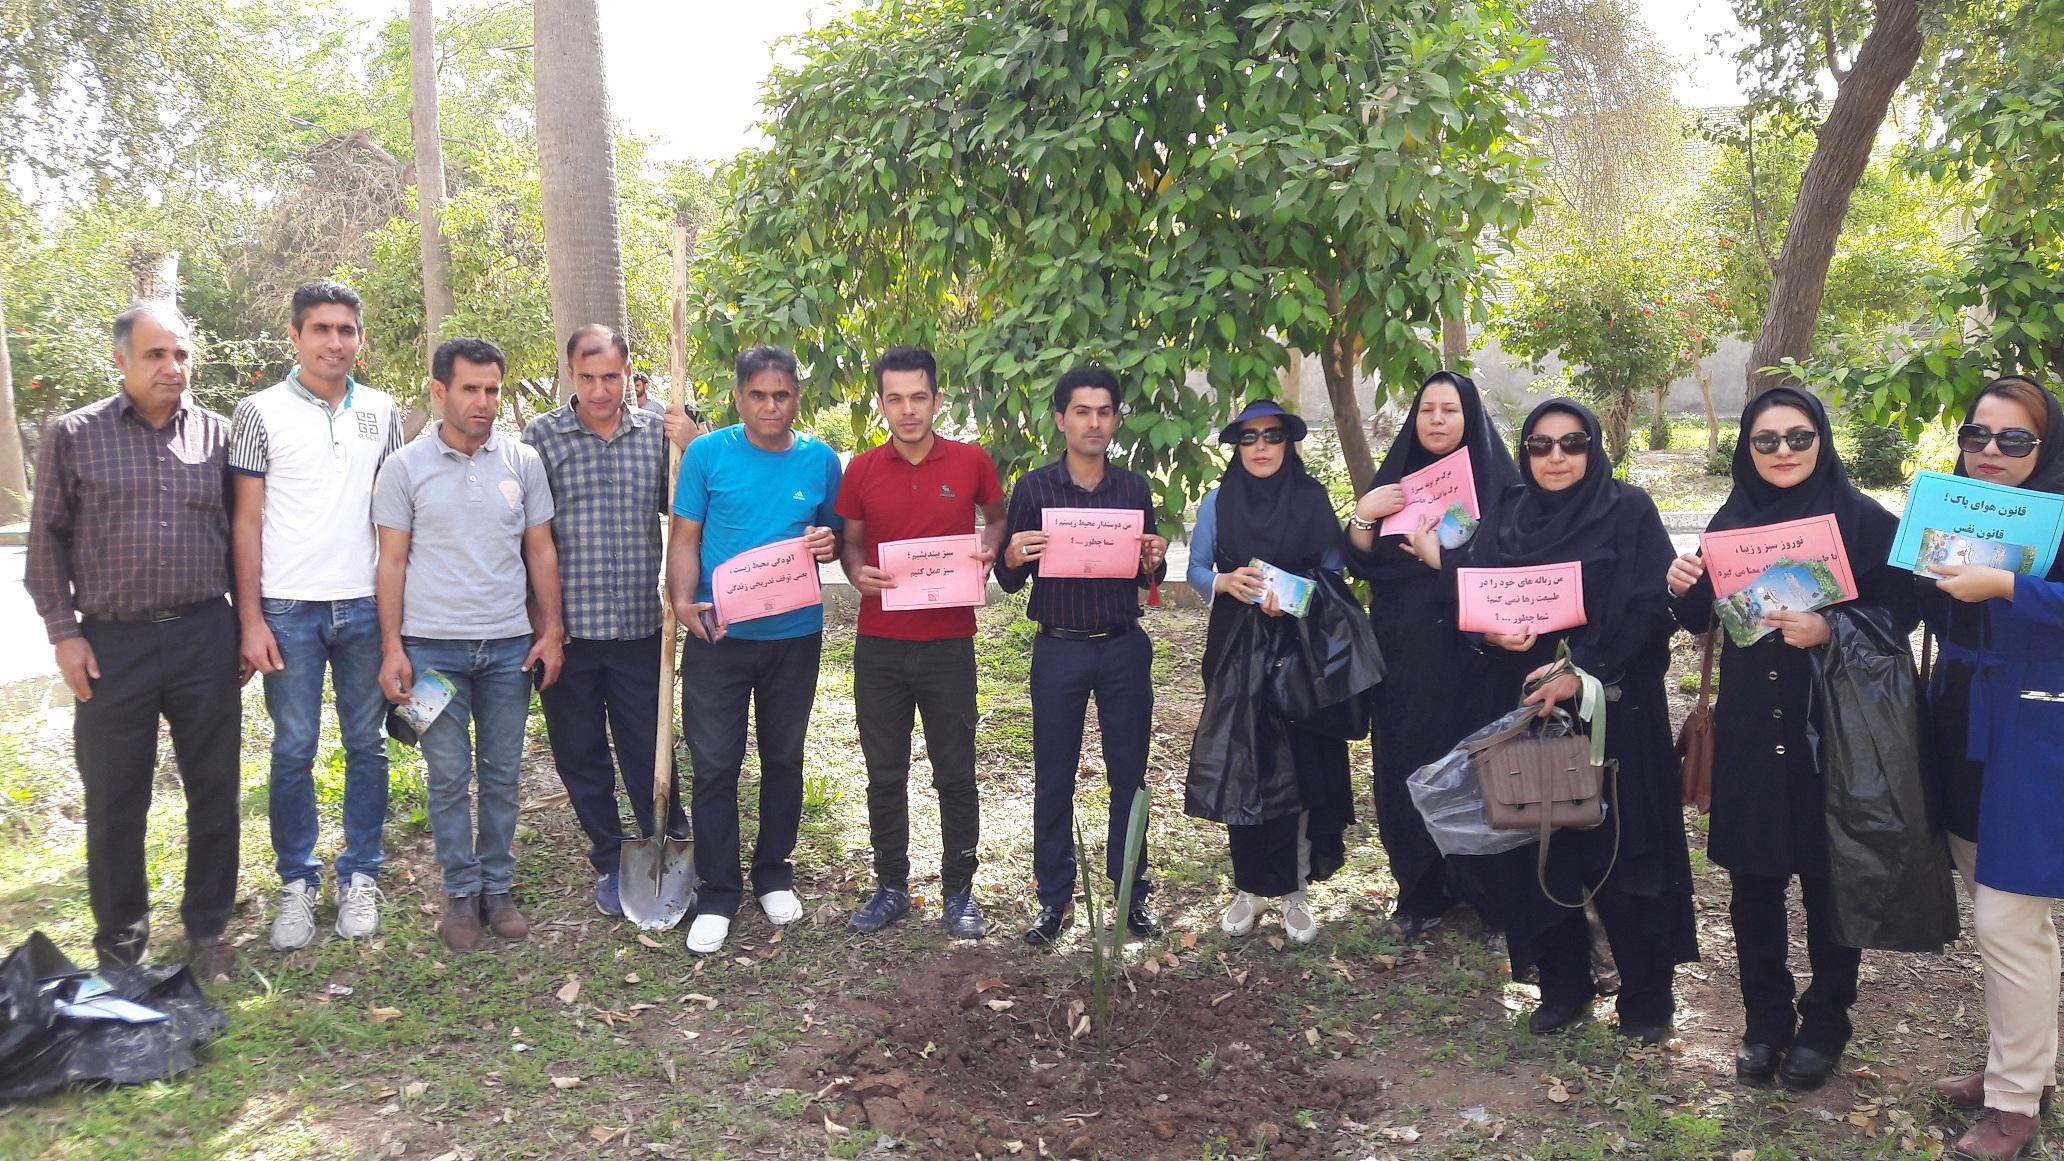 گردهمایی بزرگ نوروزی انجمن های محیط زیستی شمال خوزستان در شوشتر + تصاویر